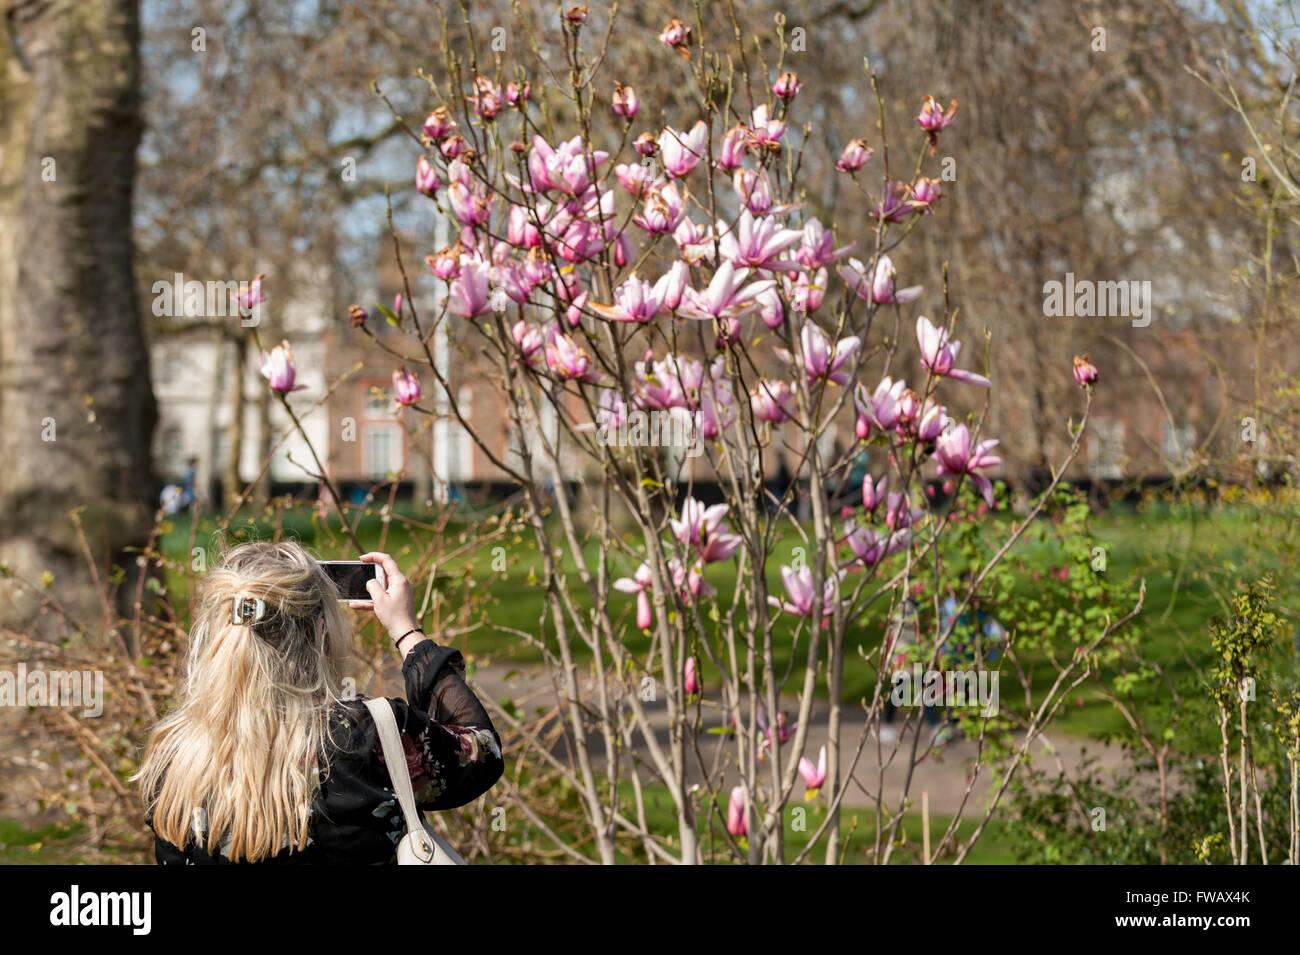 Londres, Reino Unido. 2 de abril de 2016. Una mujer de las fotografías un magnolio como Sol de primavera y temperaturas cálidas traer londinenses y turistas para disfrutar del clima en St. James's Park. Crédito: Stephen Chung / Alamy Live News Foto de stock